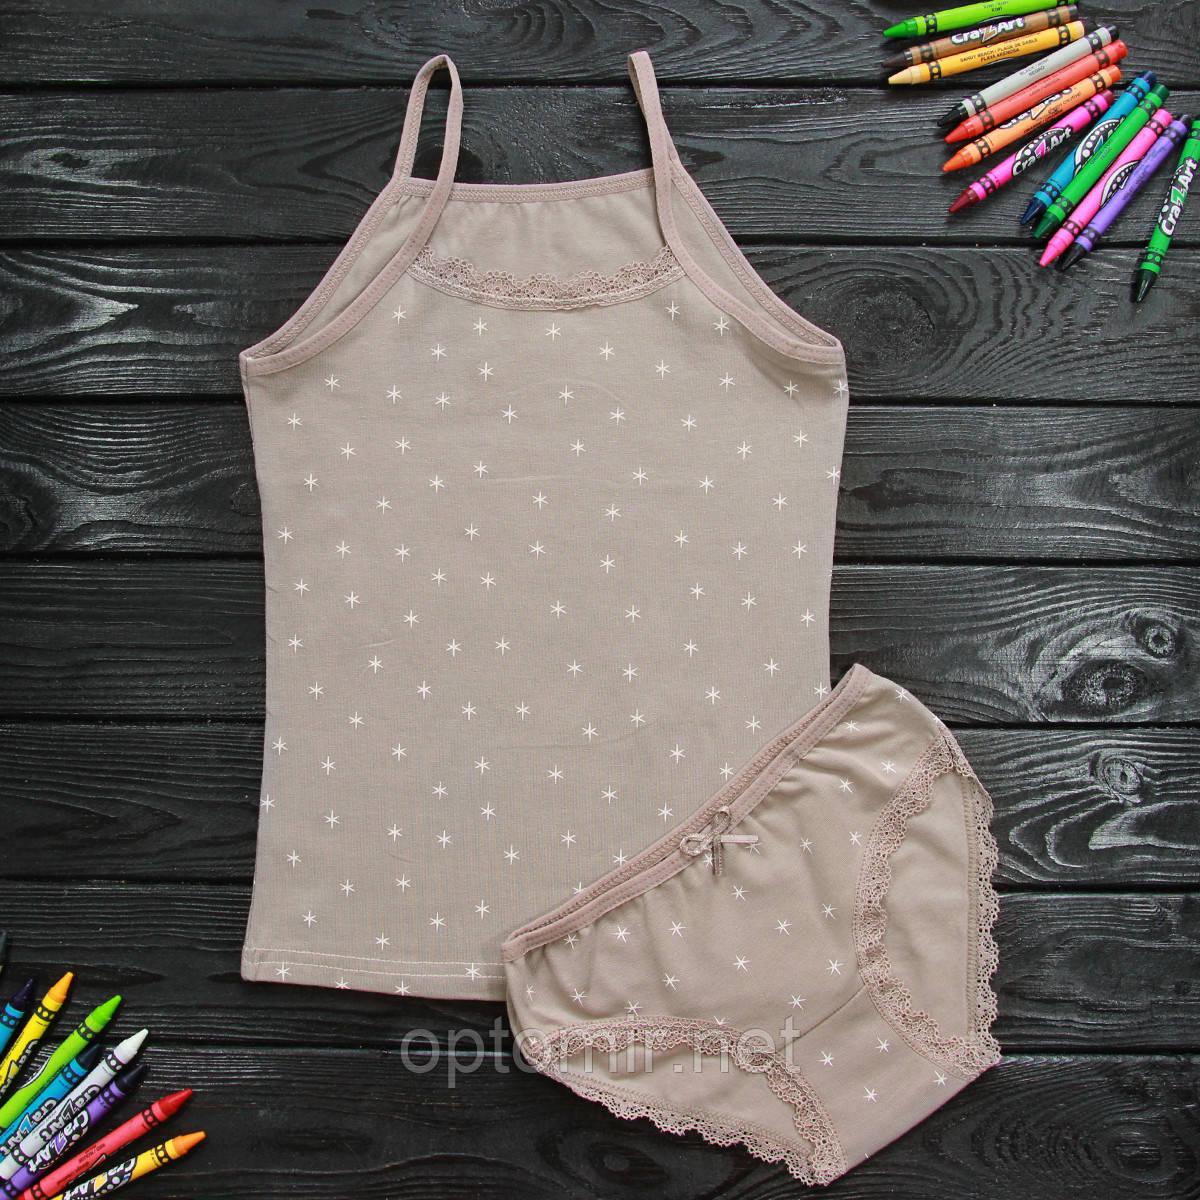 Комплект детский Donella с звездами коричневый для девочки на 4/5 лет | 1 шт.